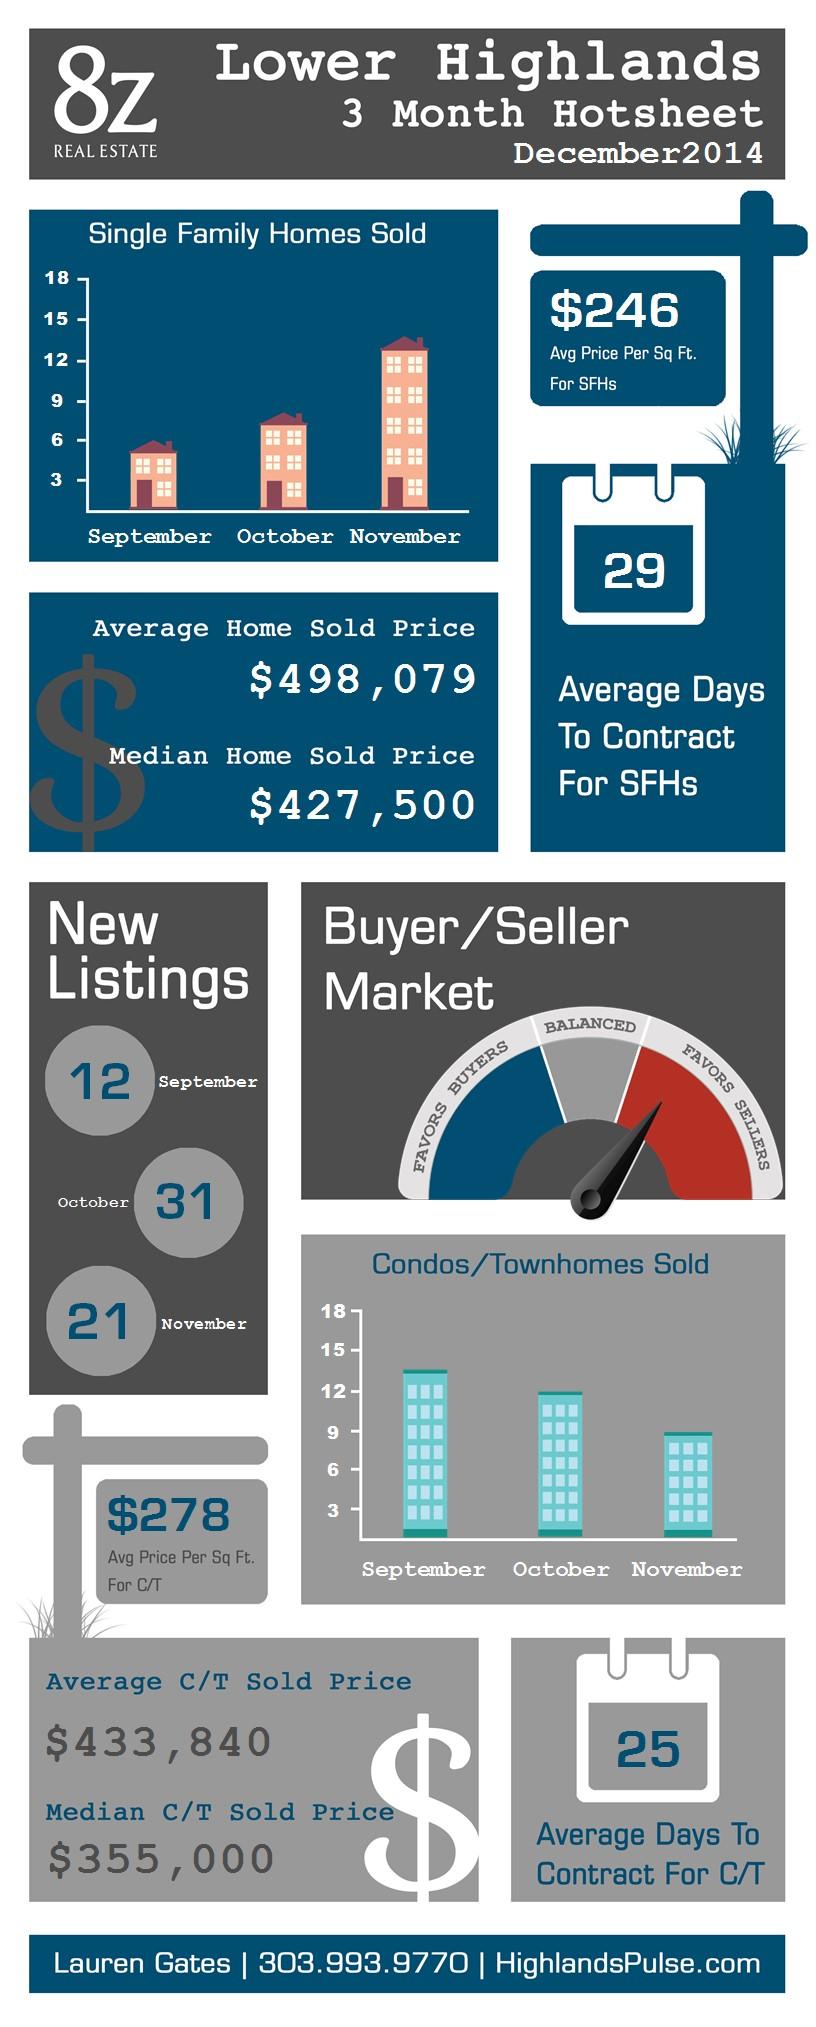 Lower Highlands - Denver, real estate infographic